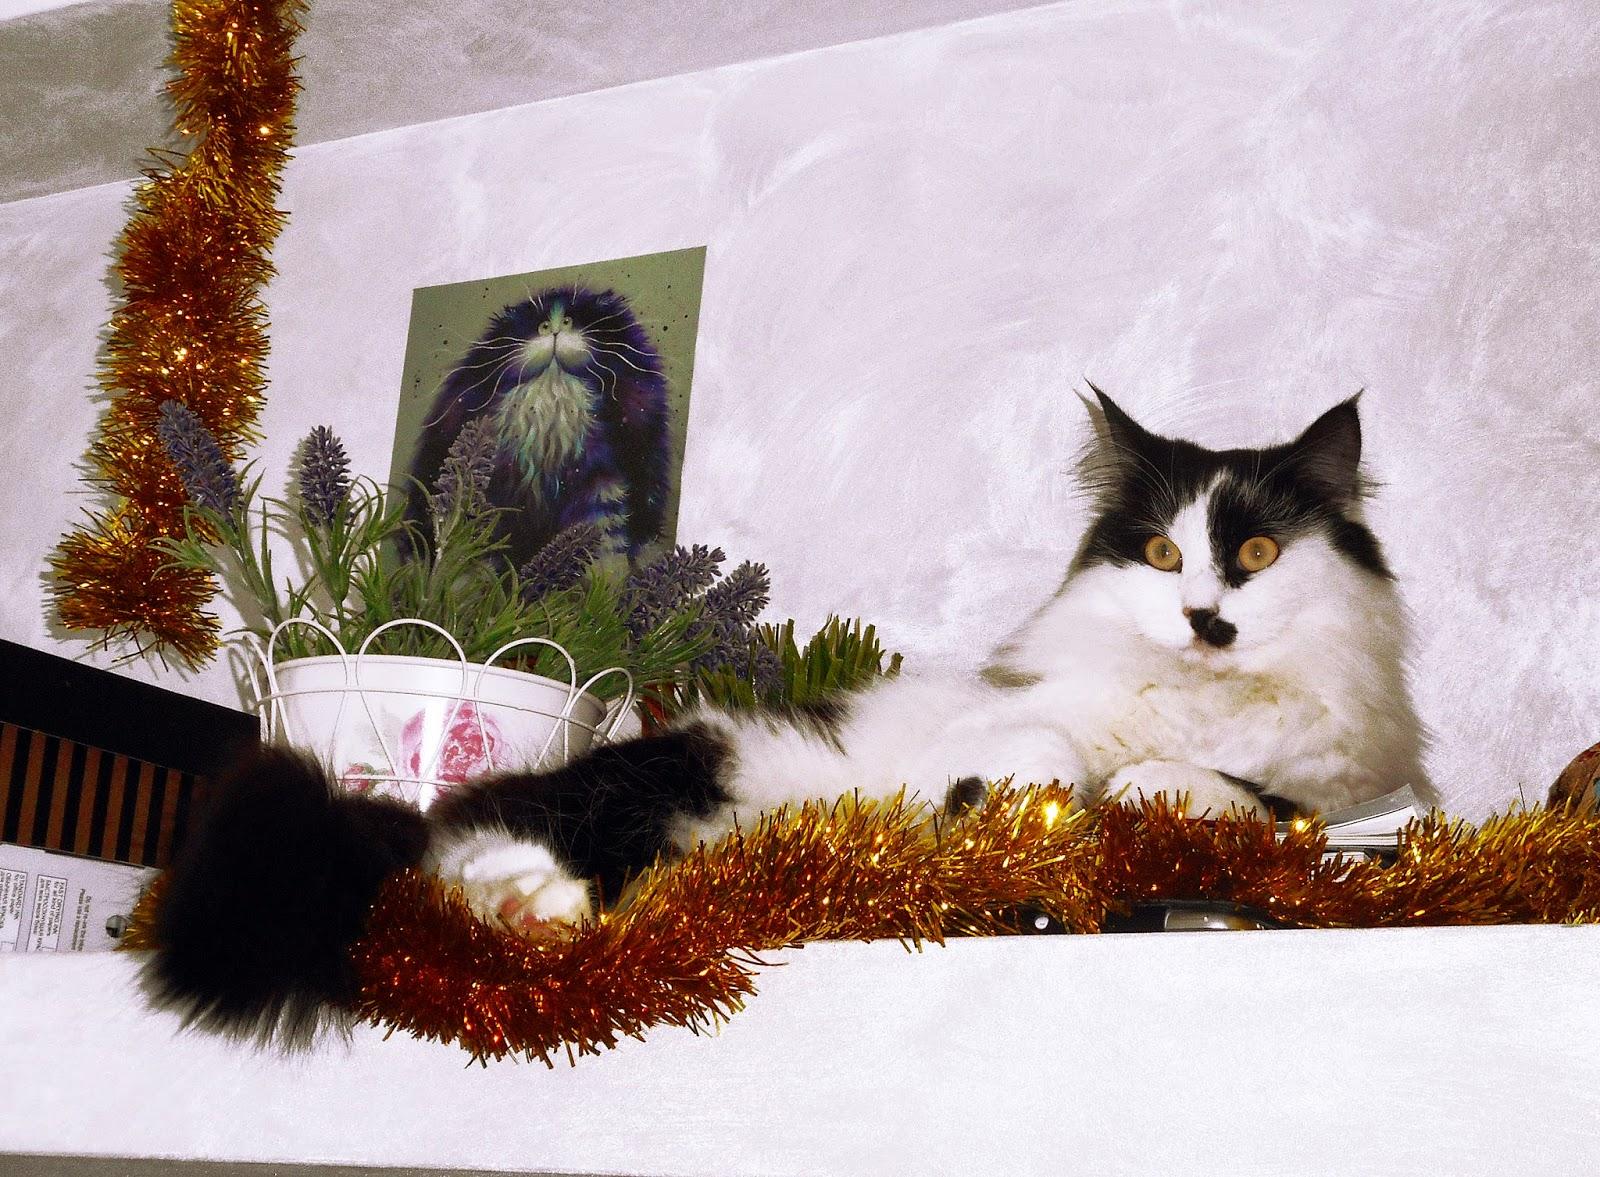 жительница кото - кафе Женевьева